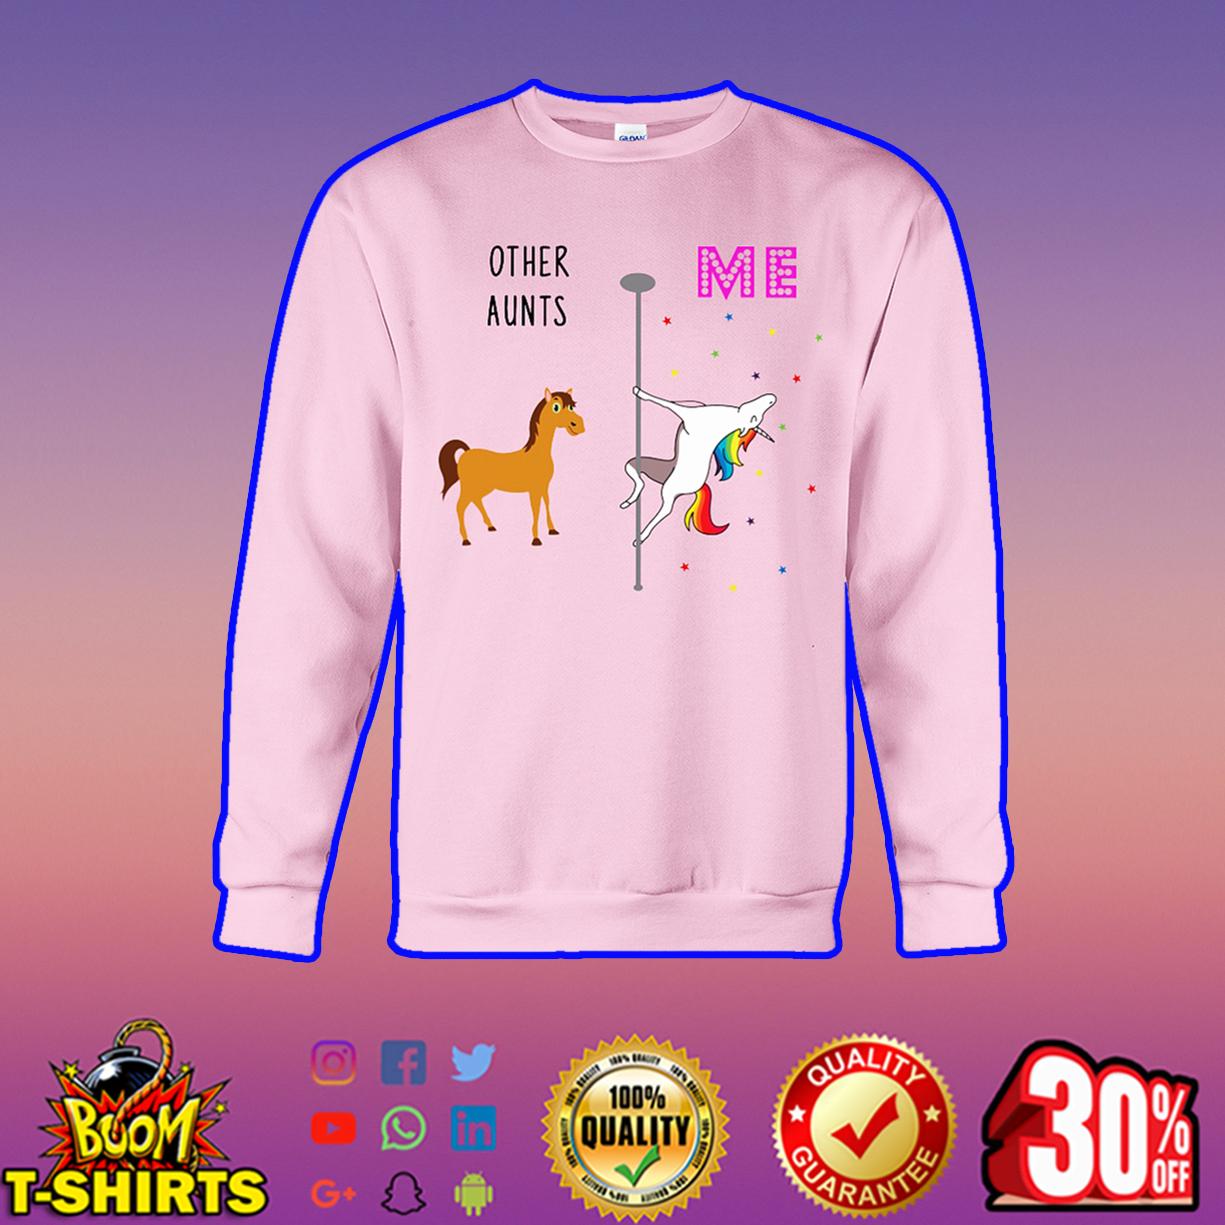 Other Aunts Me Unicorn sweatshirt